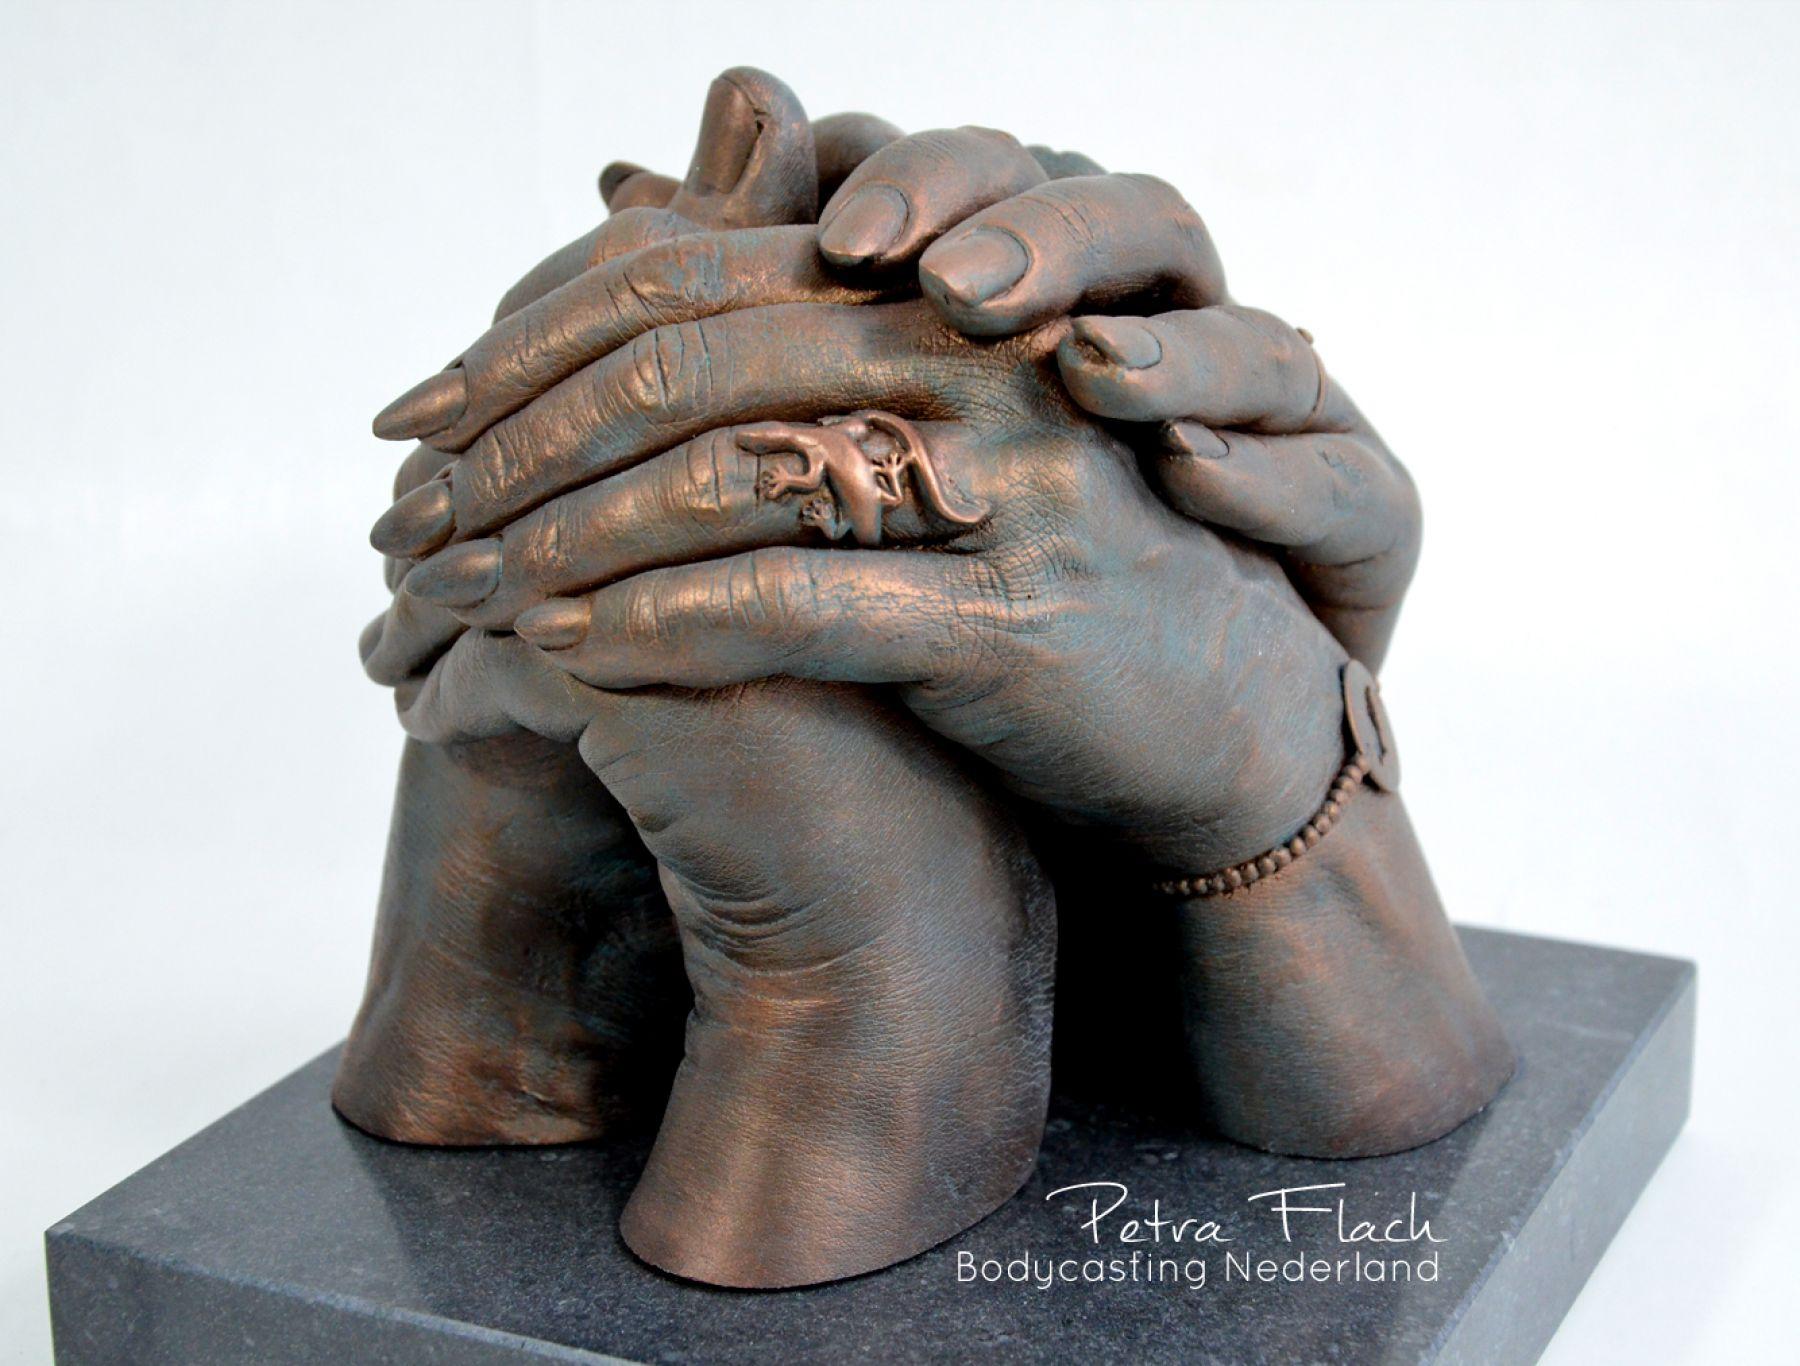 Handbeeld-handen-hands-familie-liefde-love-samen-gezin-family-bodycasting-lifecasting-gips-hars-handafdruk-reeuwijk